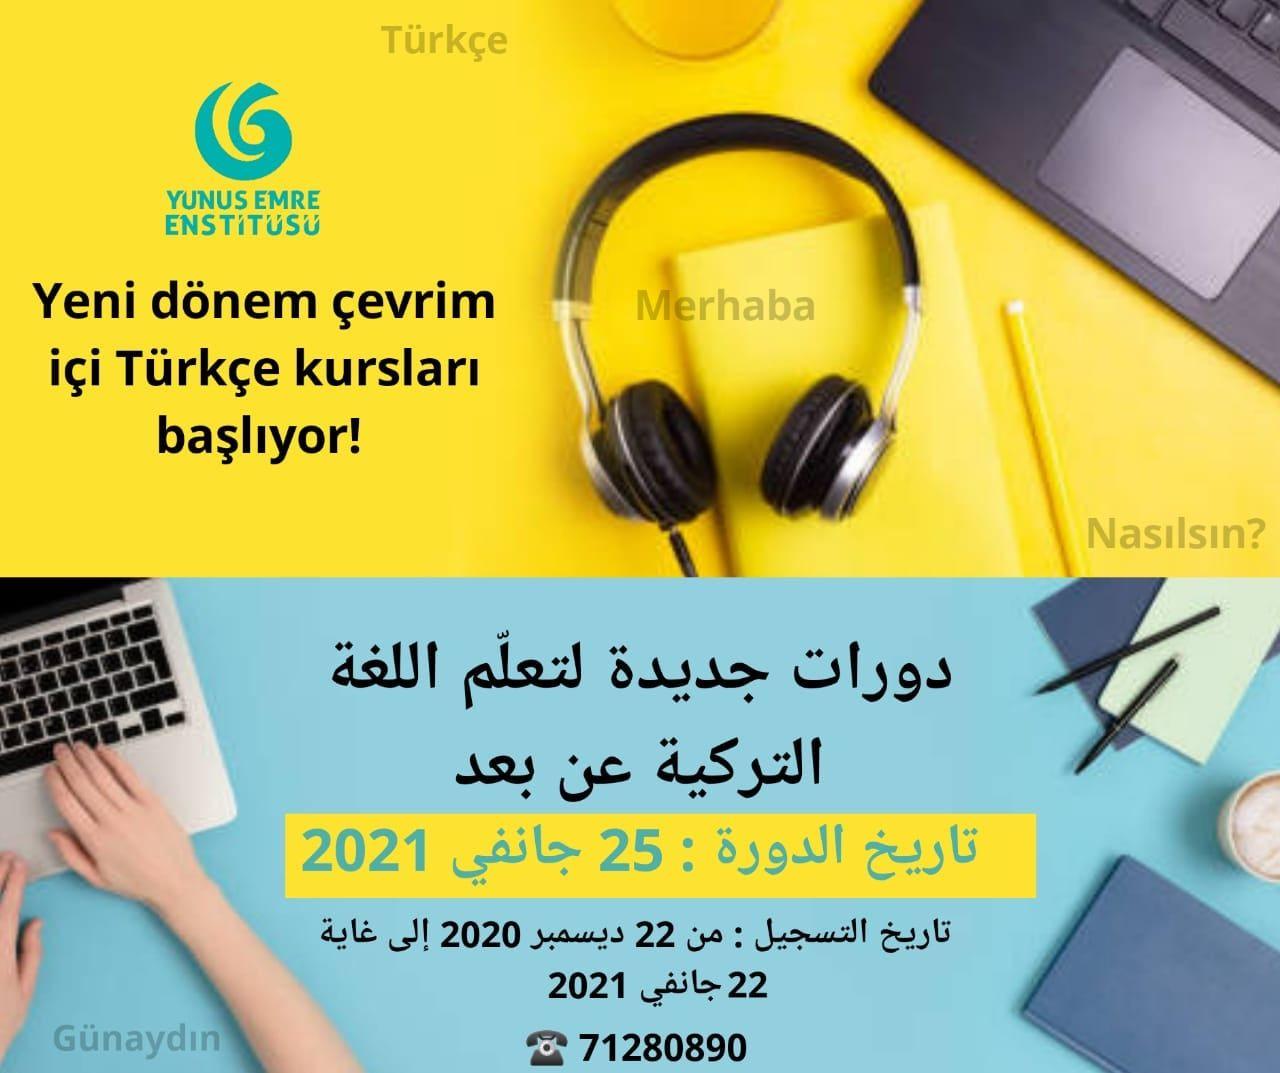 دورة تعلم اللغة التركية في تونس يوم 25 جانفي 2021 Tunis